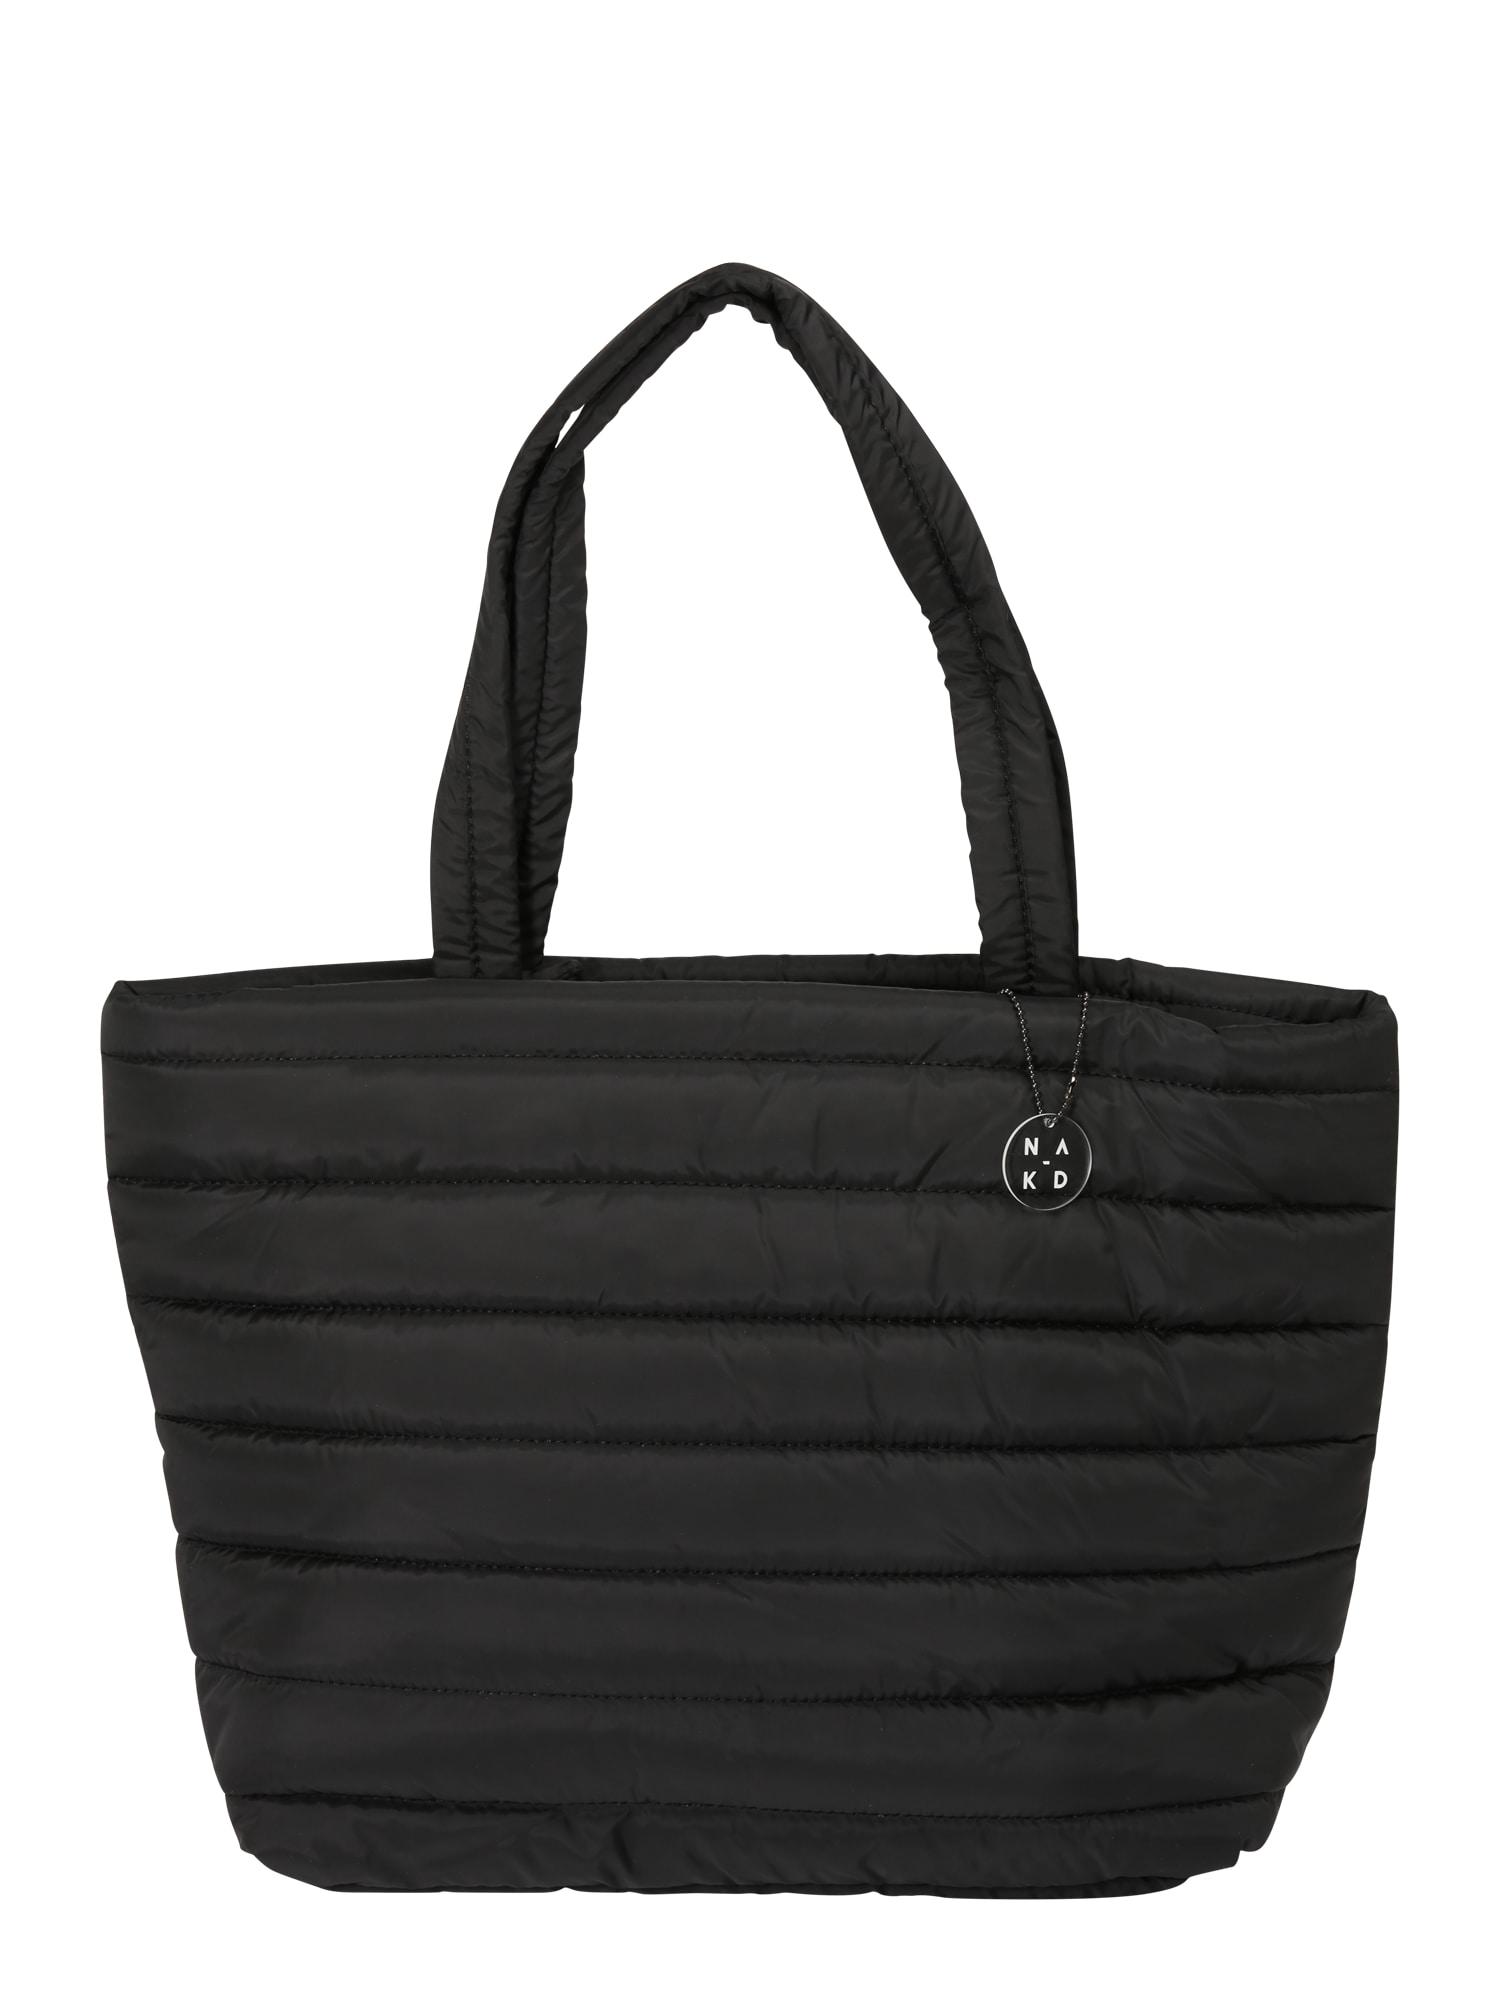 Nákupní taška černá NA-KD